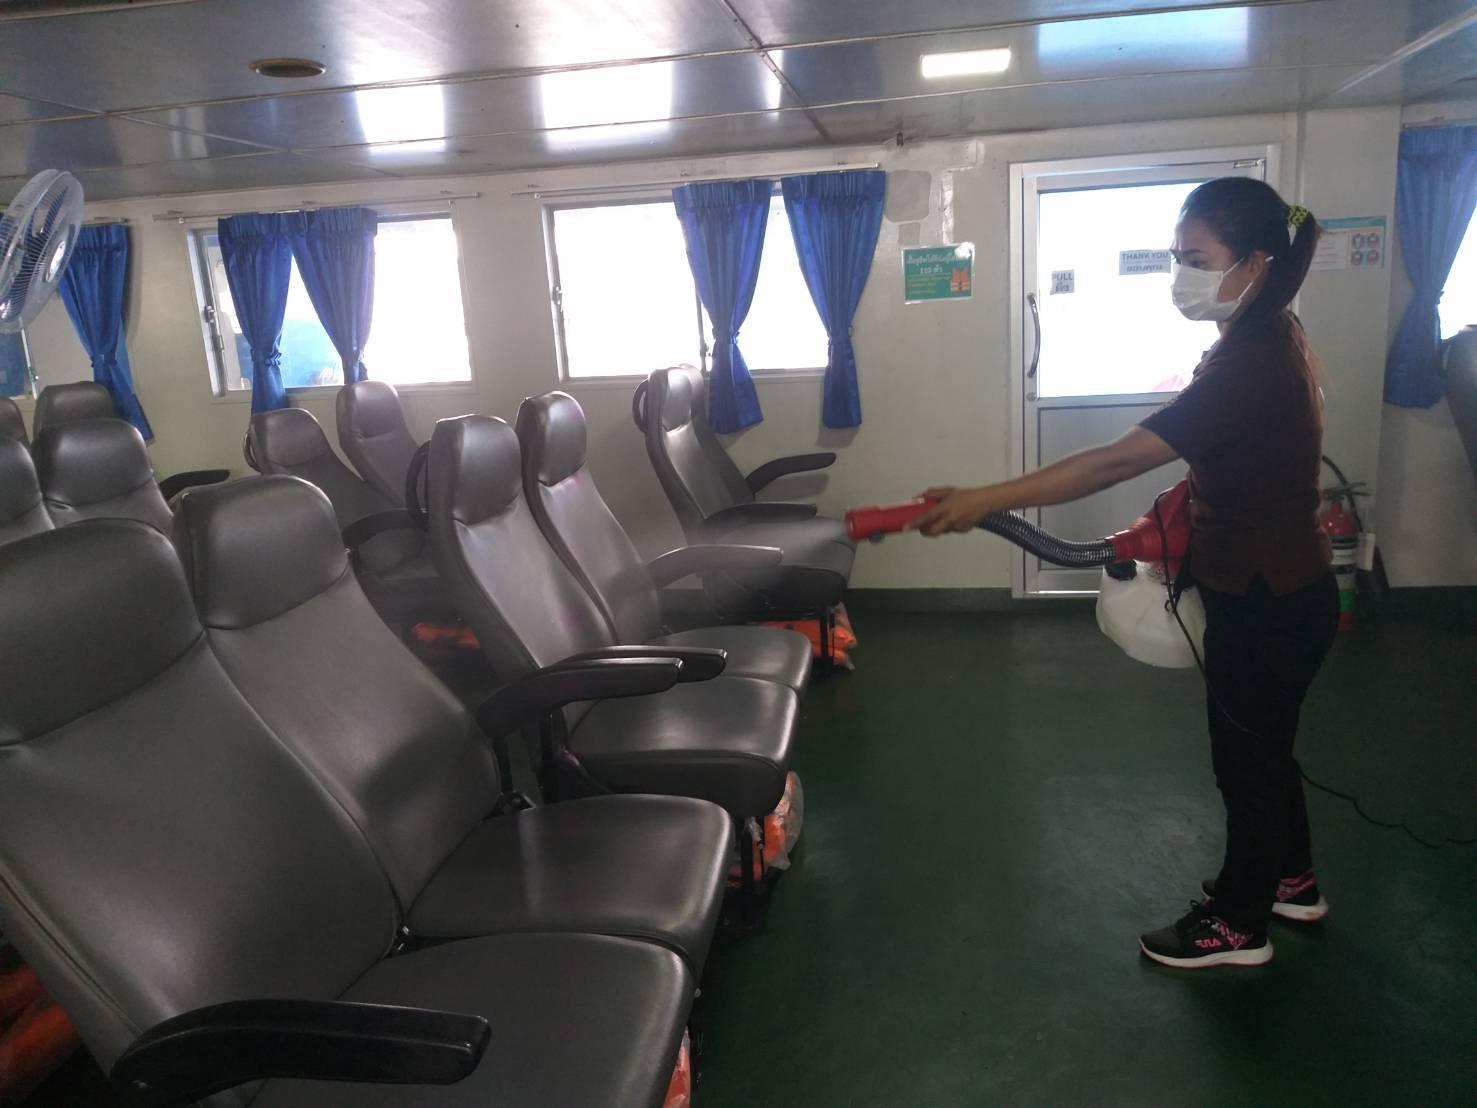 ราชาเฟอร์รี่เข้มป้องกันโรคไวรัสโคโรนา ฉีดฆ่าเชื้อจุดพักรอฯ-บนเรือทุกวัน